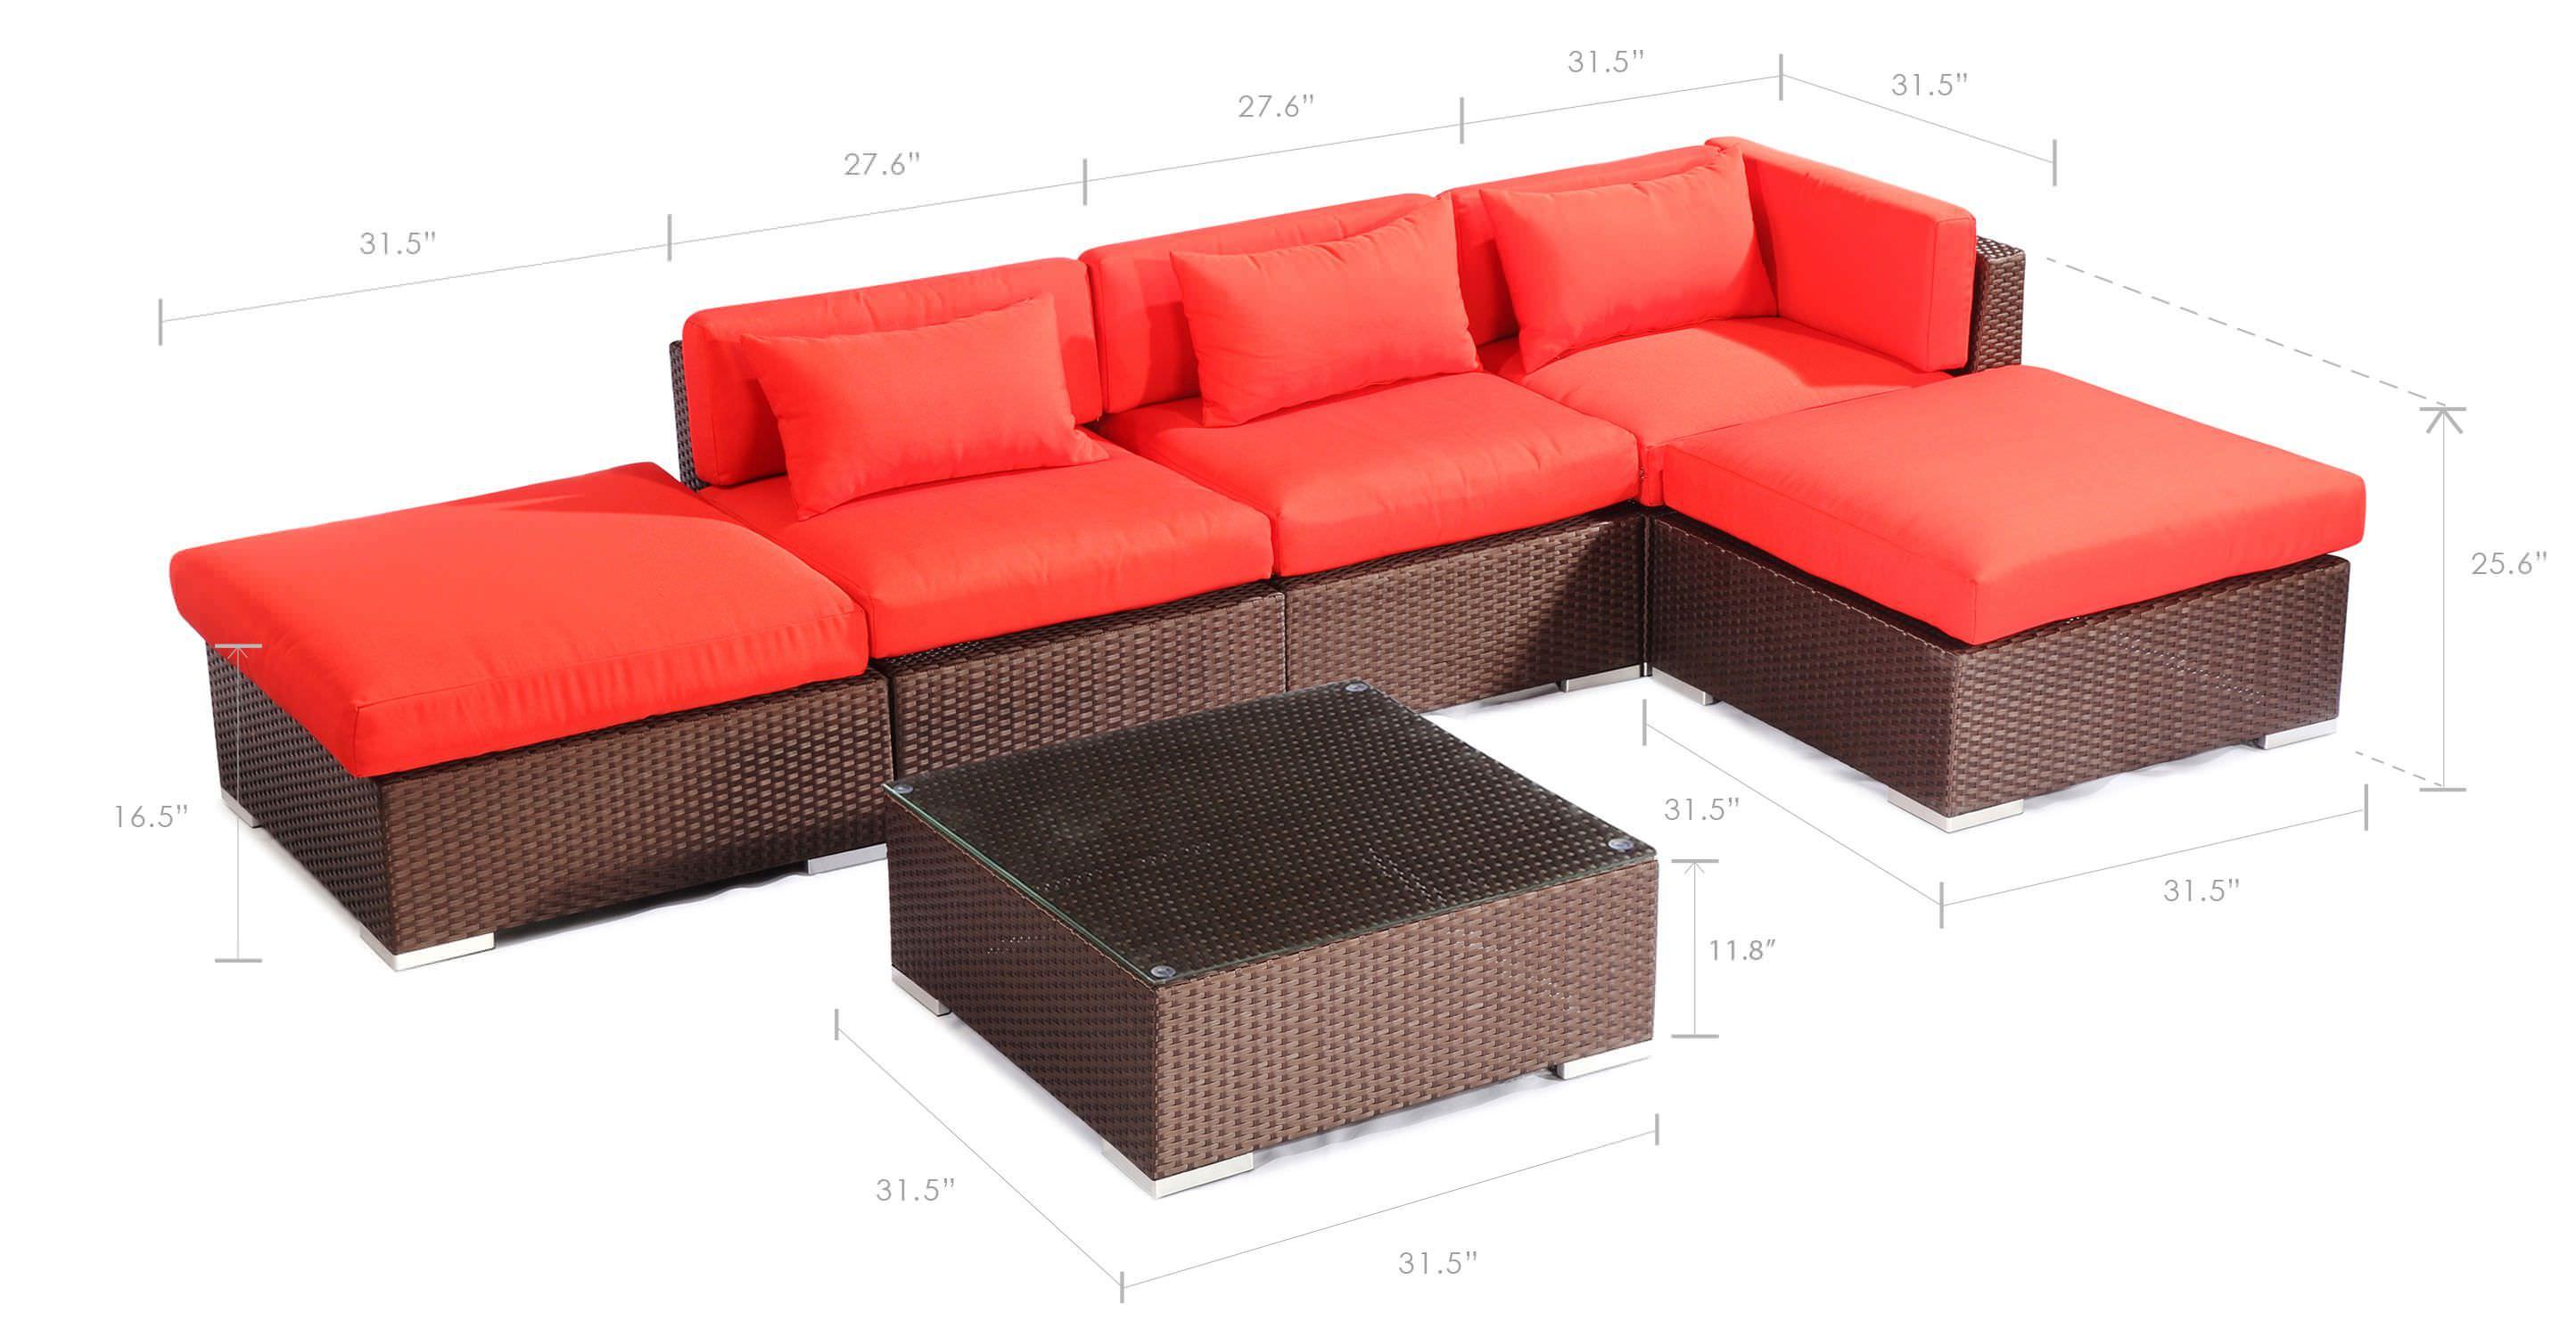 drawings-poipu6-red.jpg